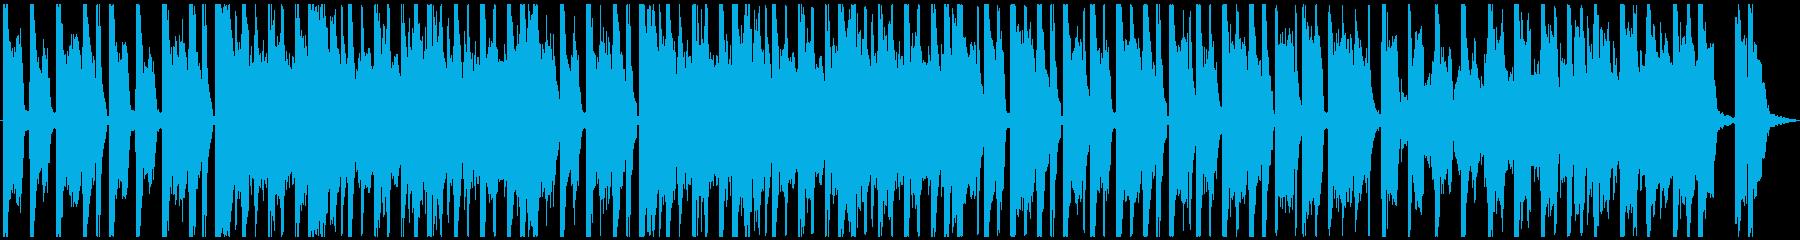 スイングミュージックとハウスビート...の再生済みの波形